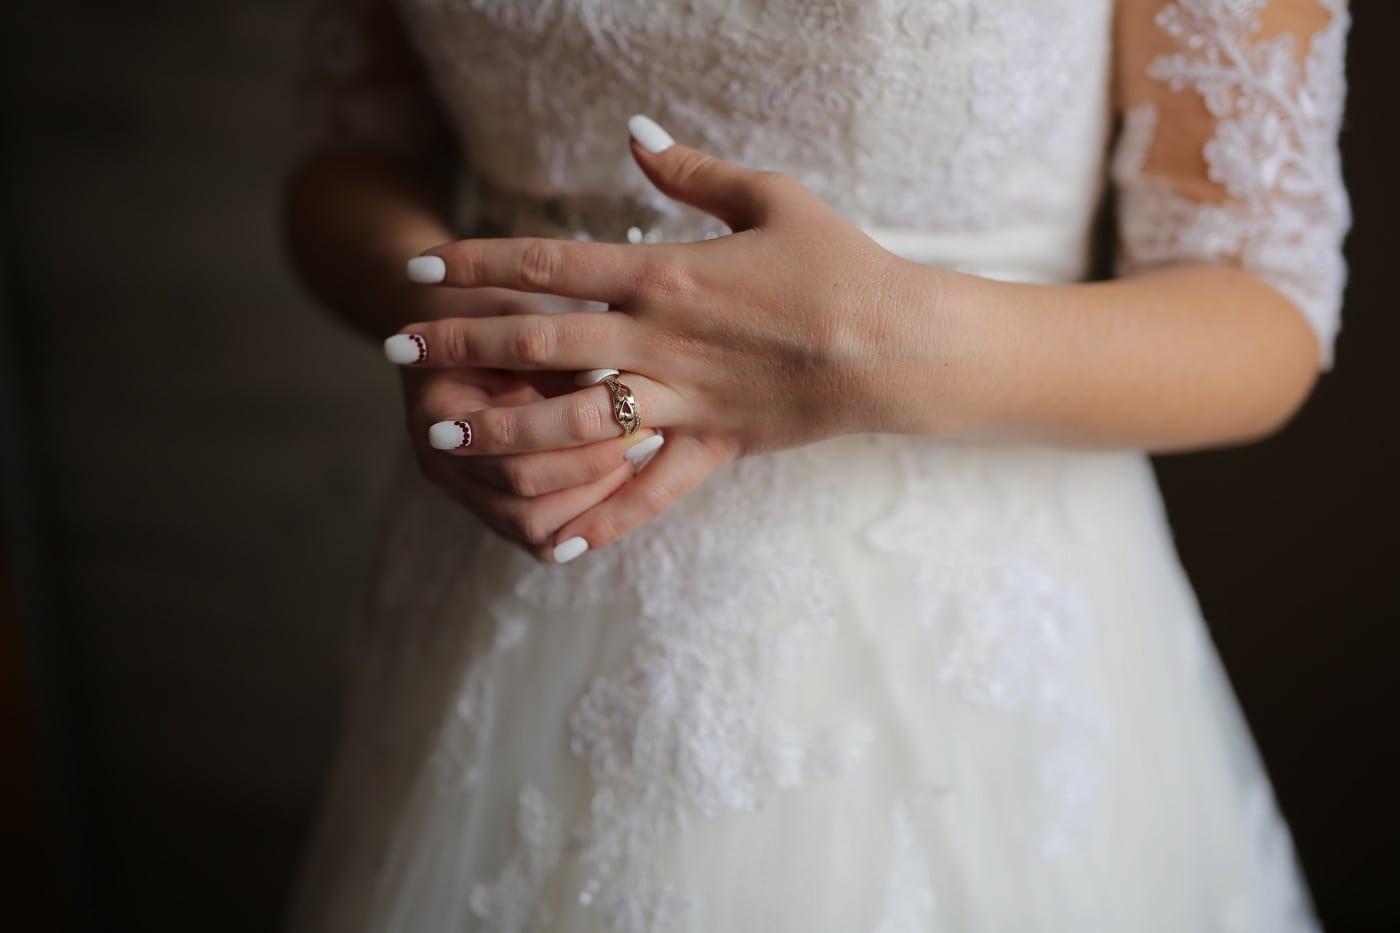 bague de mariage, éclat doré, mains, la mariée, robe de mariée, manucure, femme, mariage, à l'intérieur, engagement